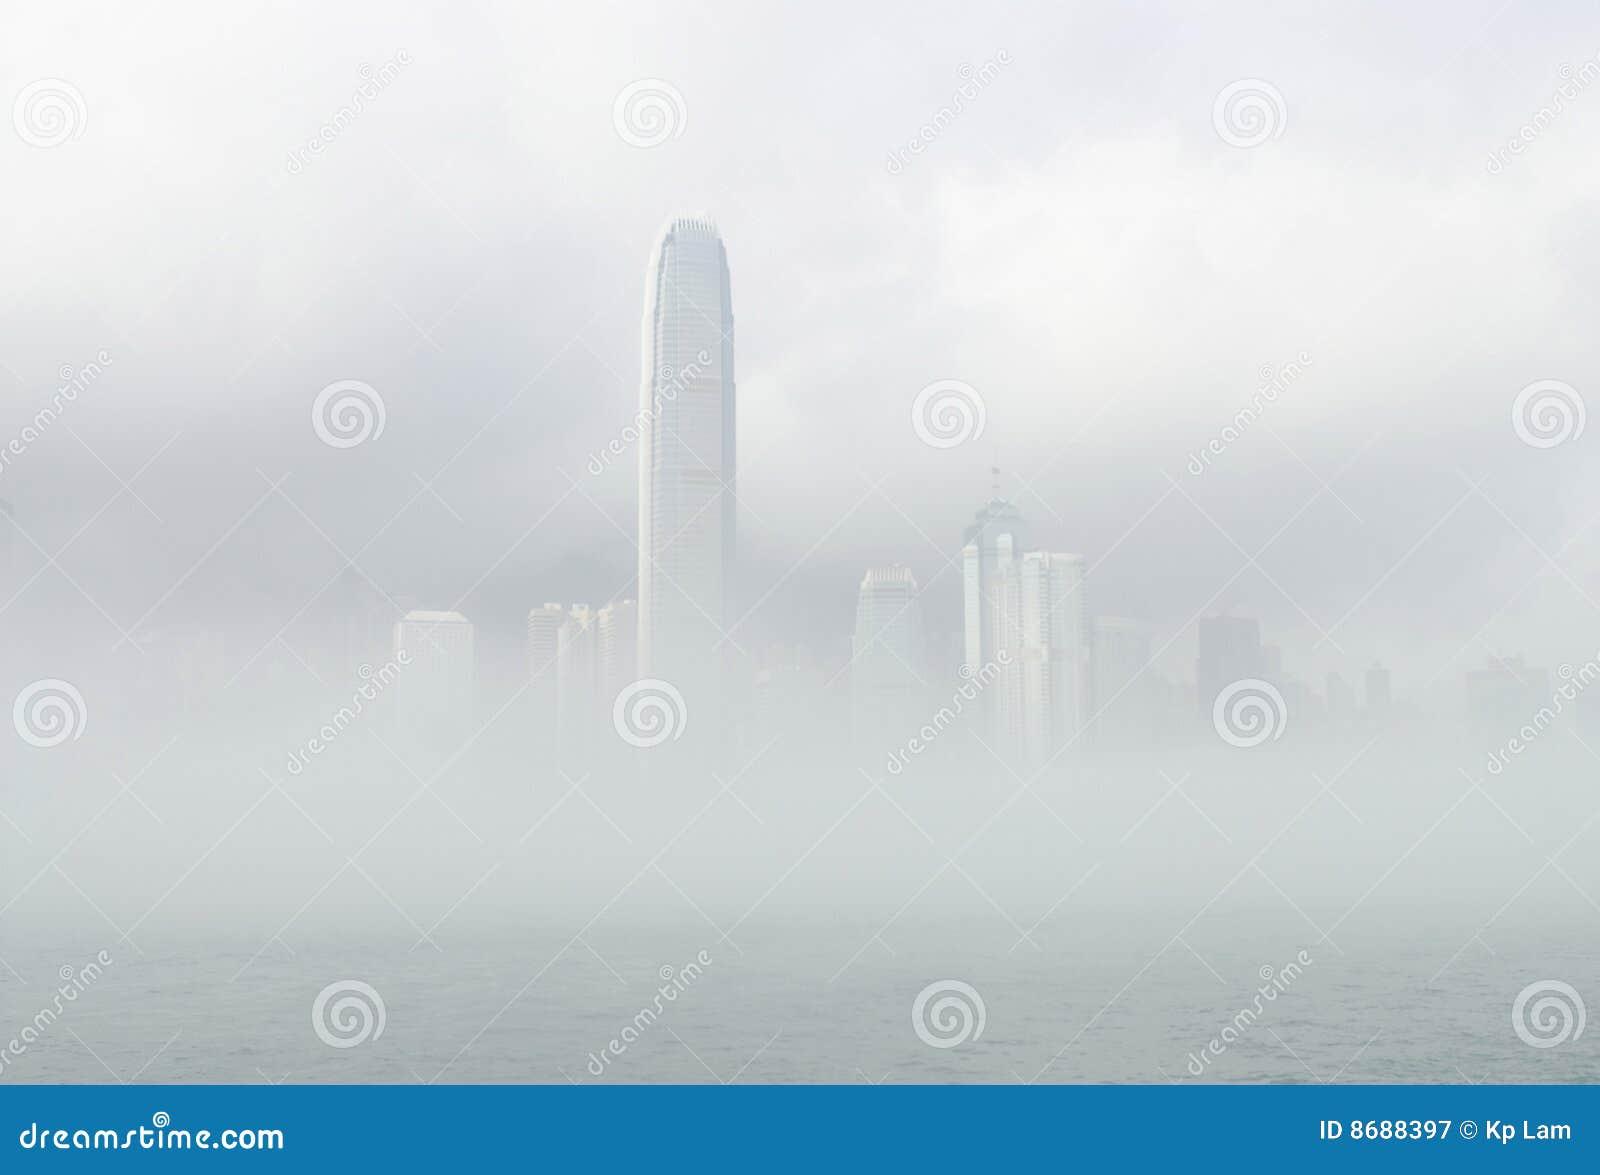 Ifc misty